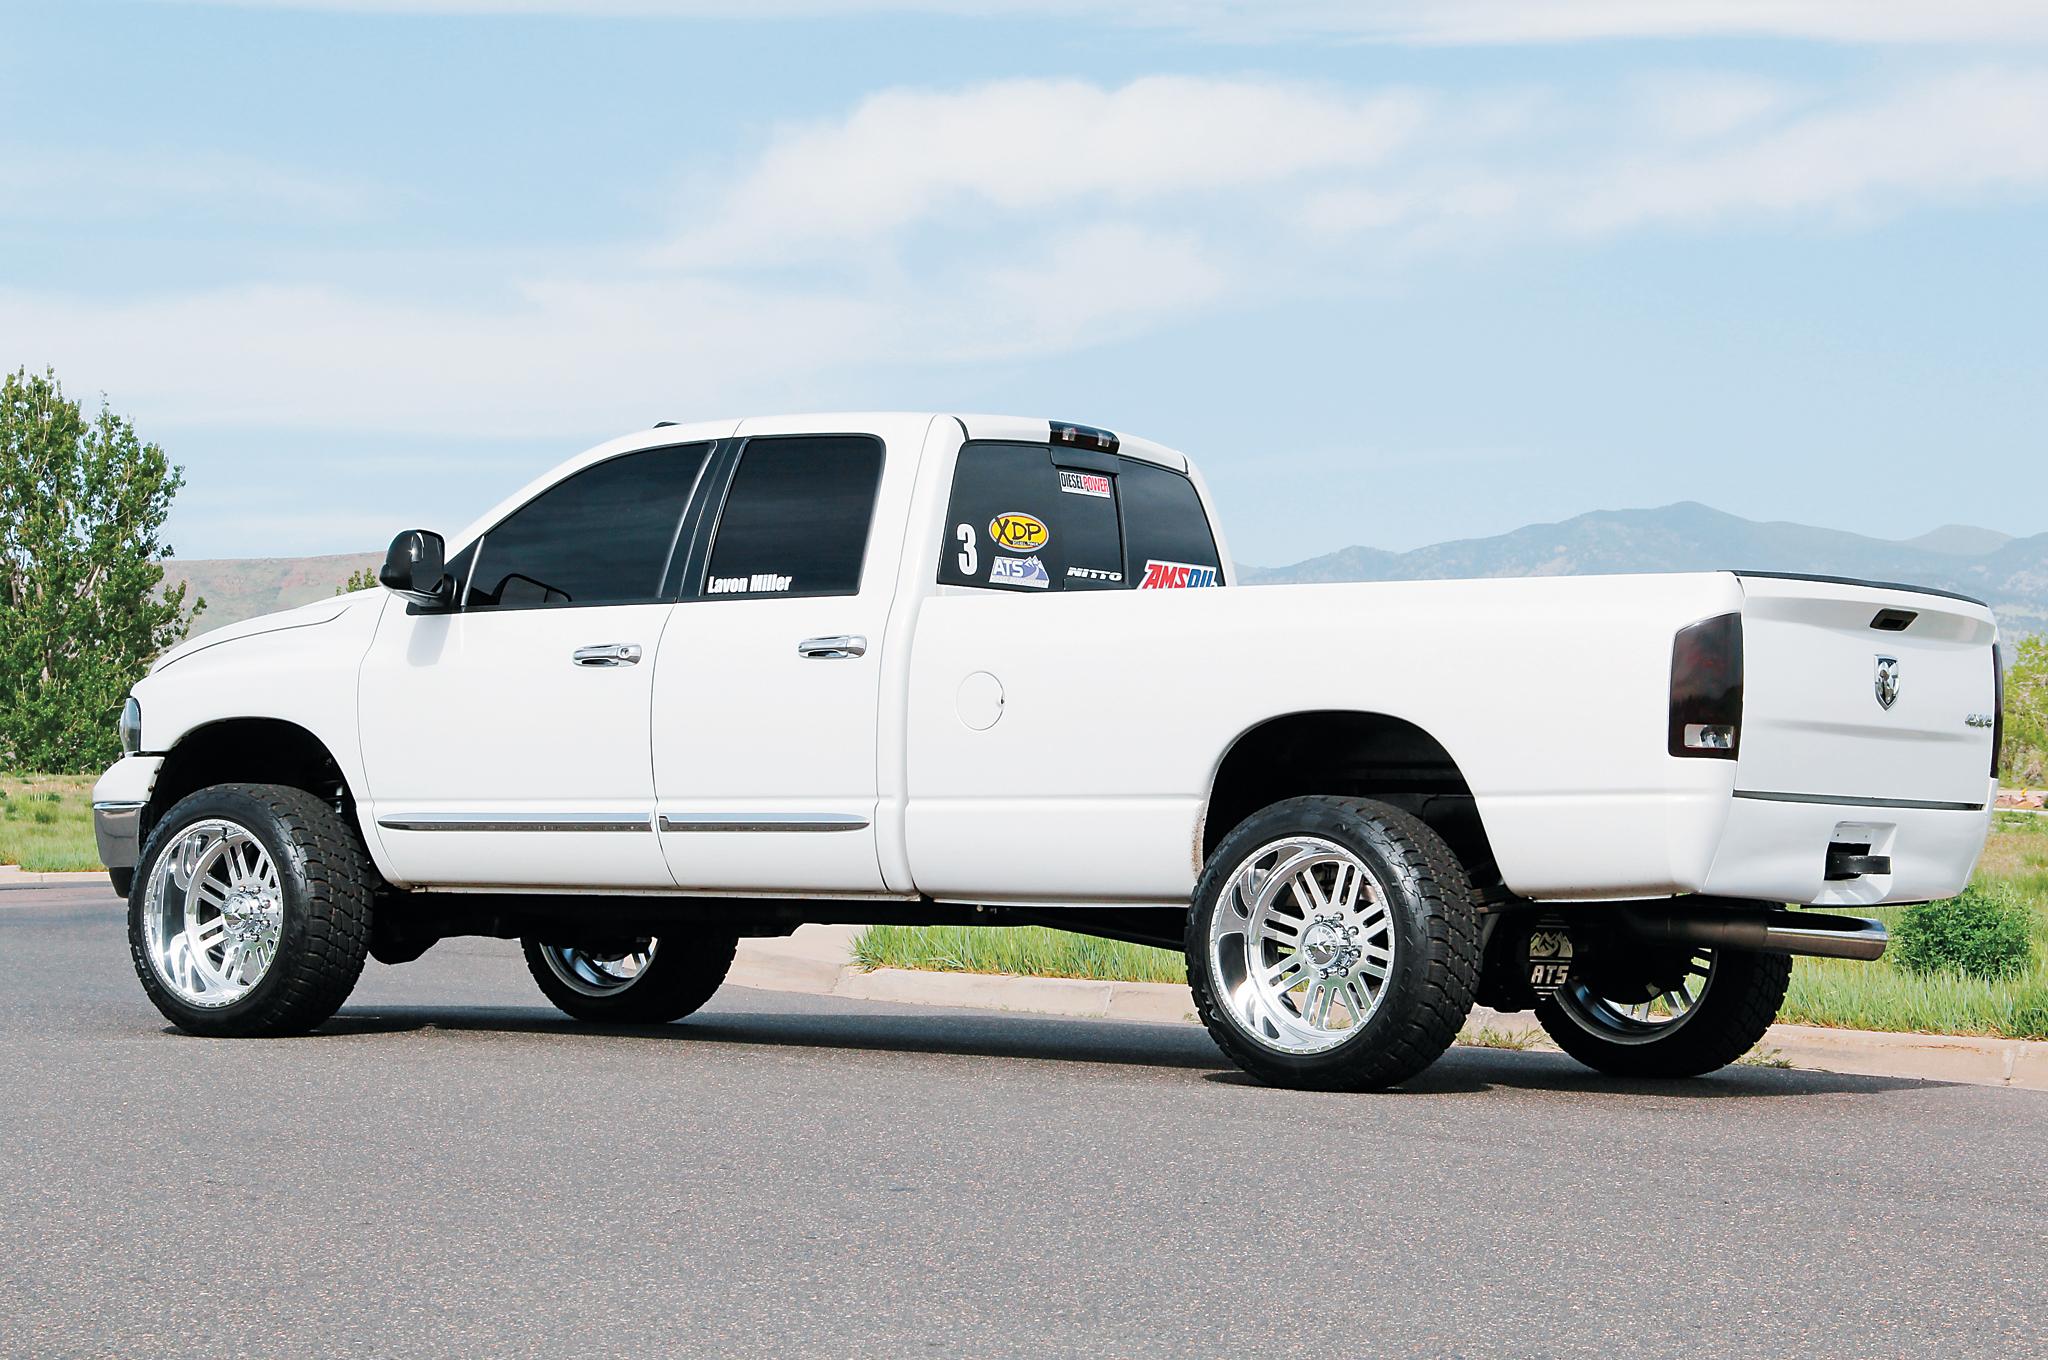 2004 Dodge Ram 3500 - Diesel Power Challenge 2014 Competitor Photo